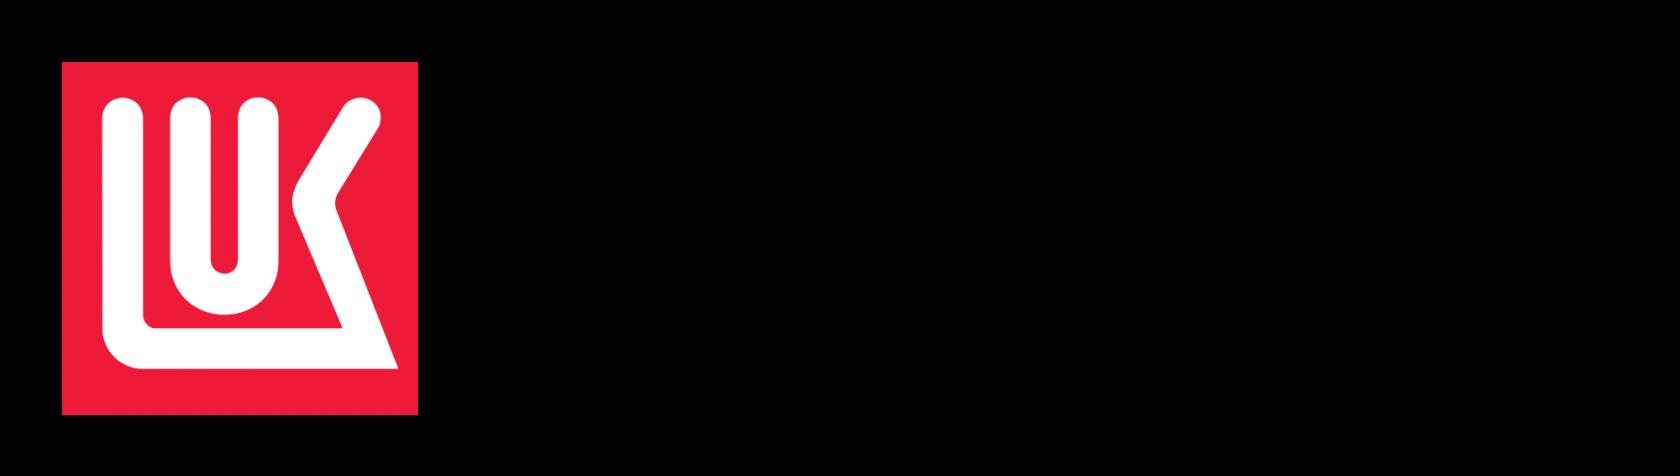 PJSC Lukoil